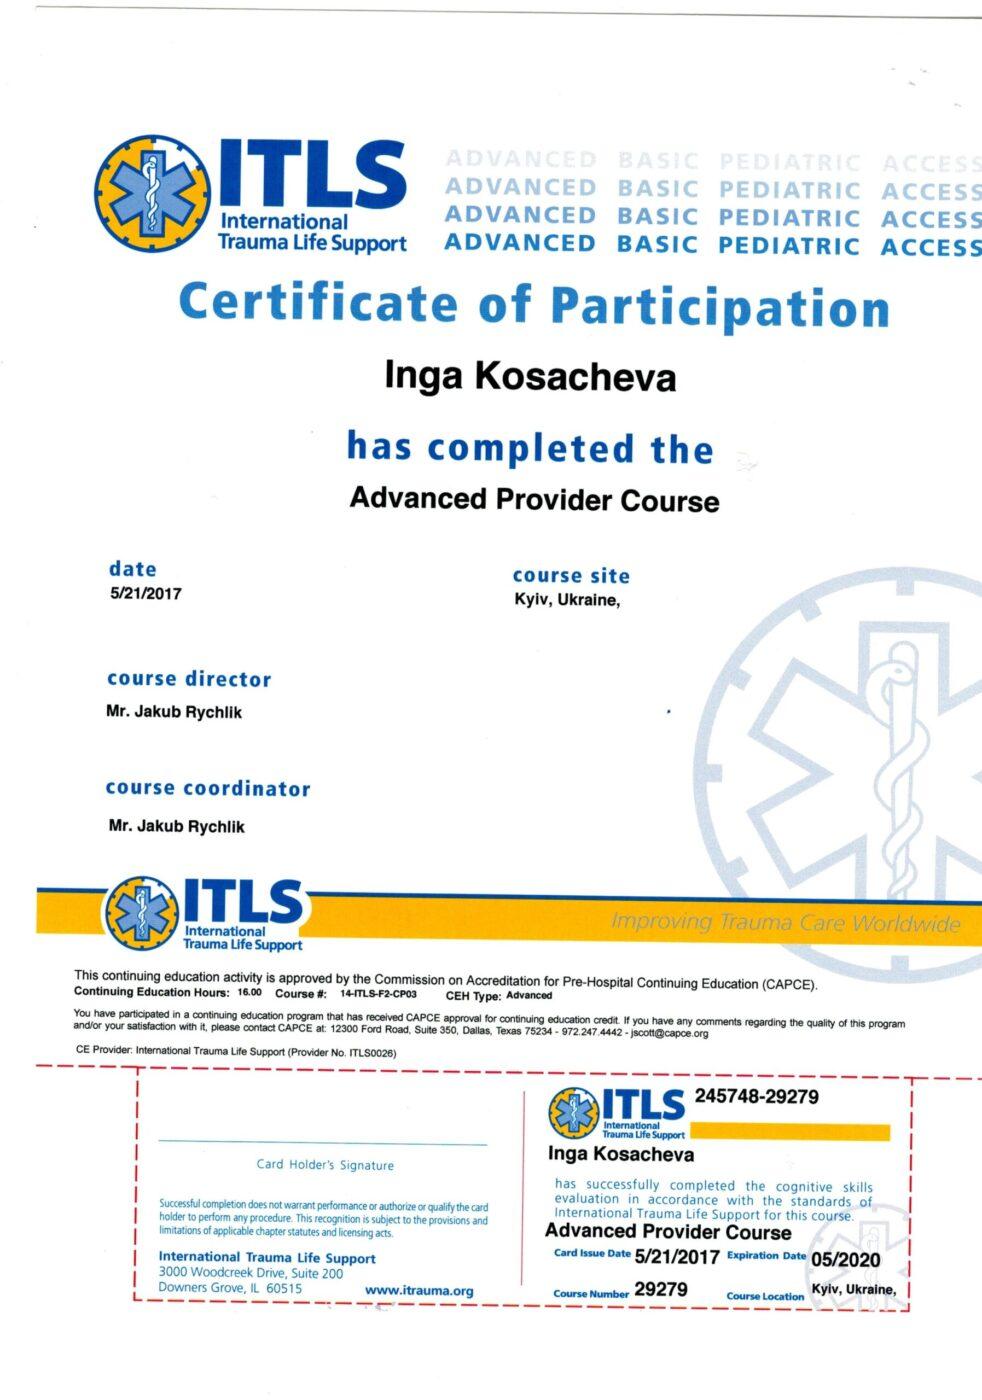 Сертифікат дитячого лікаря анестезіолога  Косачевої Інги Сергіївни об участі у курсі (Advanced Provider Course)